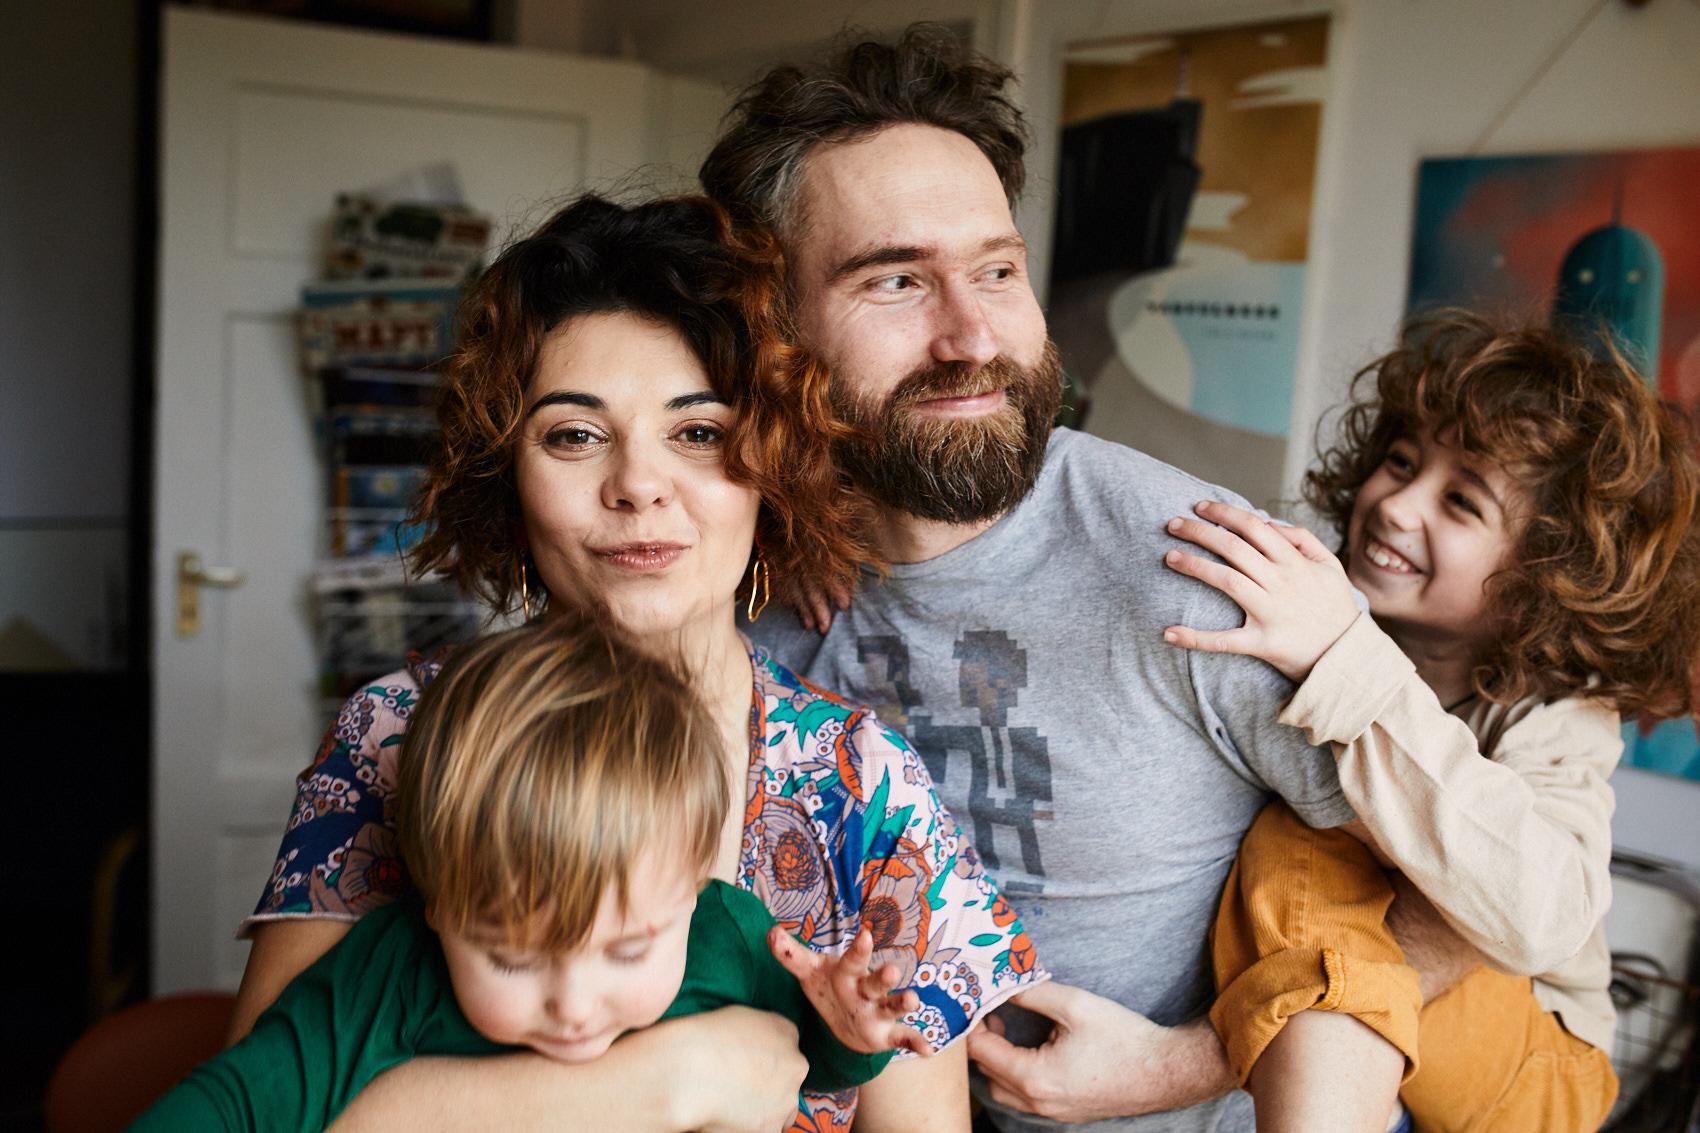 fotograf rodzinny warszawa sesje w domu lifestylowe